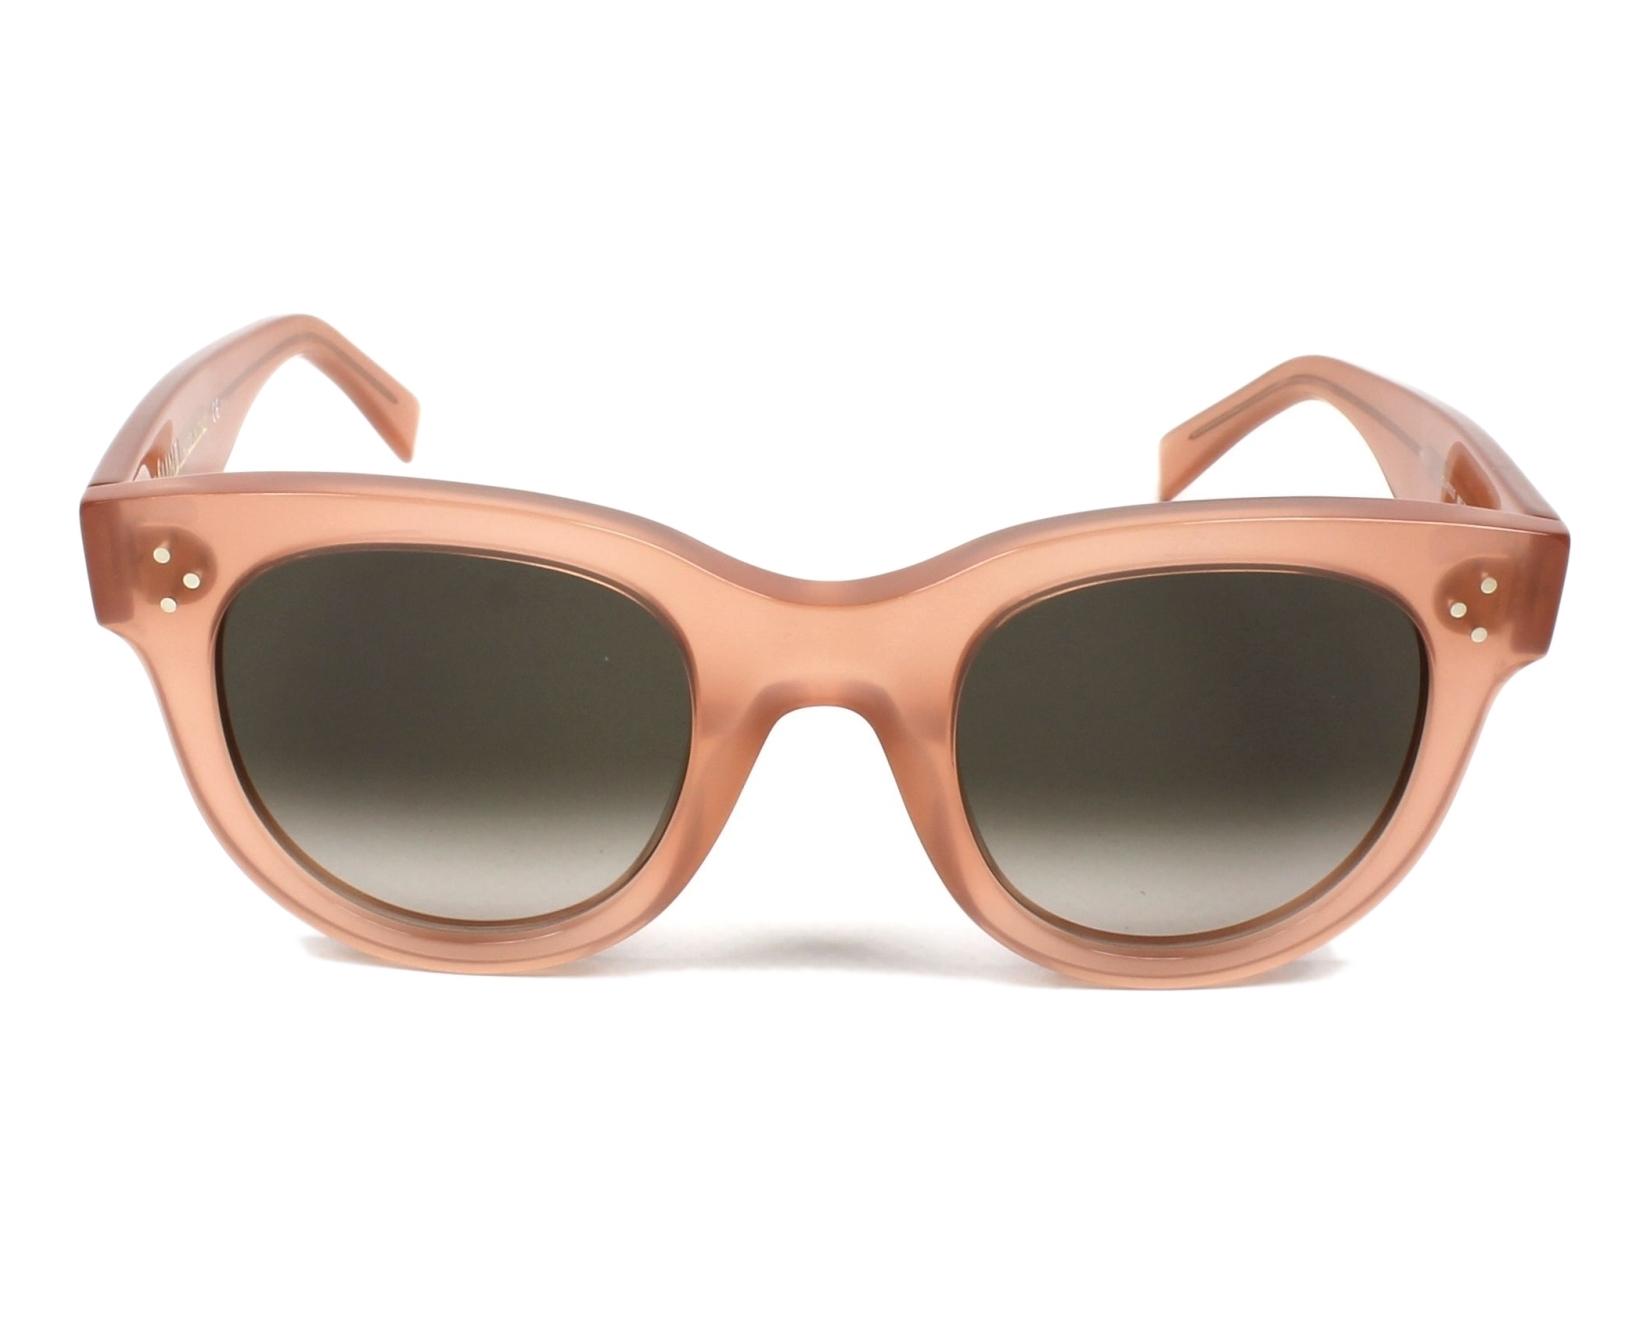 885017e961 thumbnail Sunglasses Céline CL-41053 N80 Z3 - Rosa front view